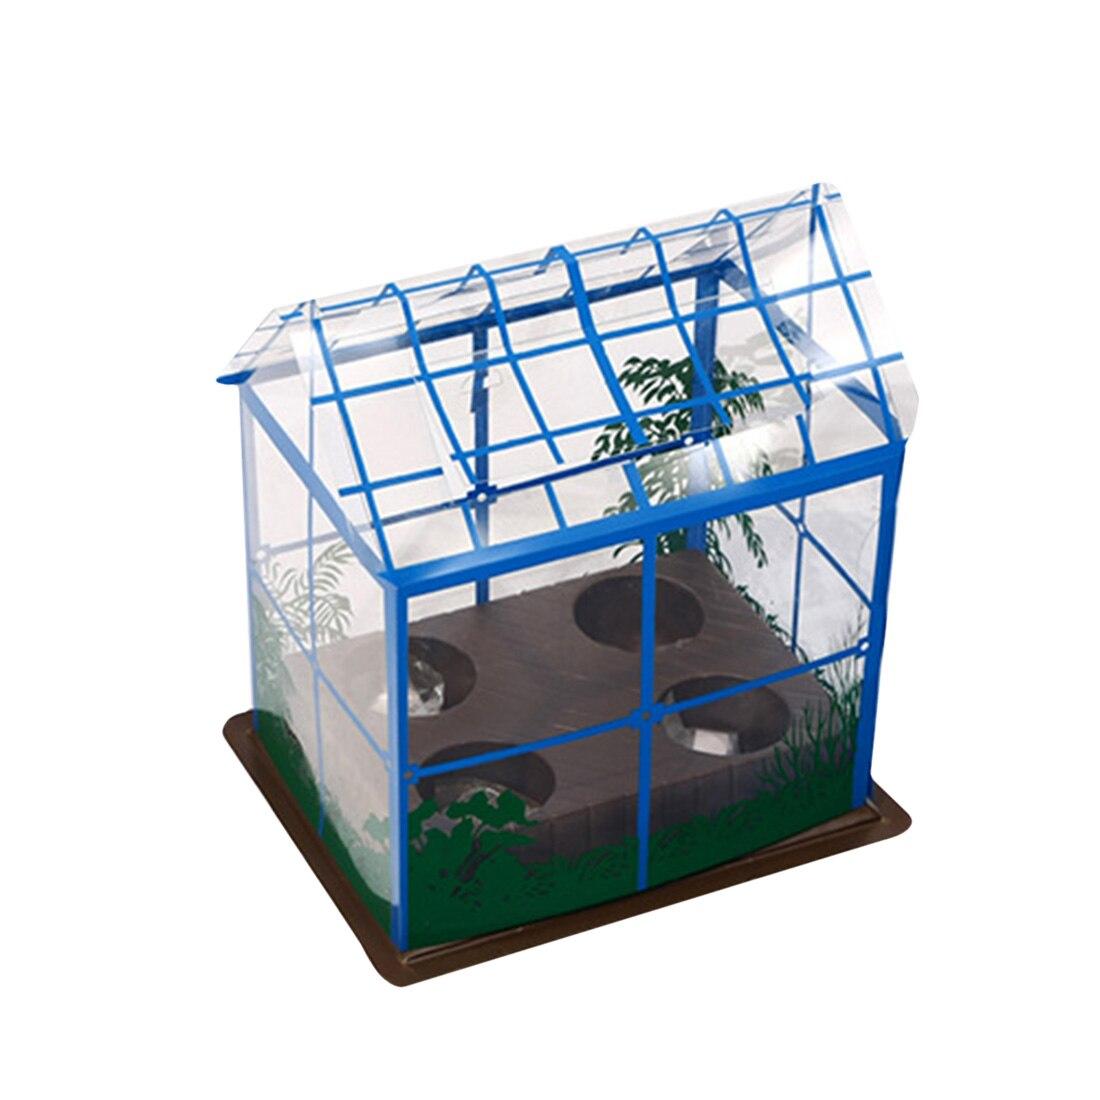 Surwish bricolage serre plantation équipement de laboratoire ensemble de luxe enfants populaire Science expérience équipement vapeur tige jouets